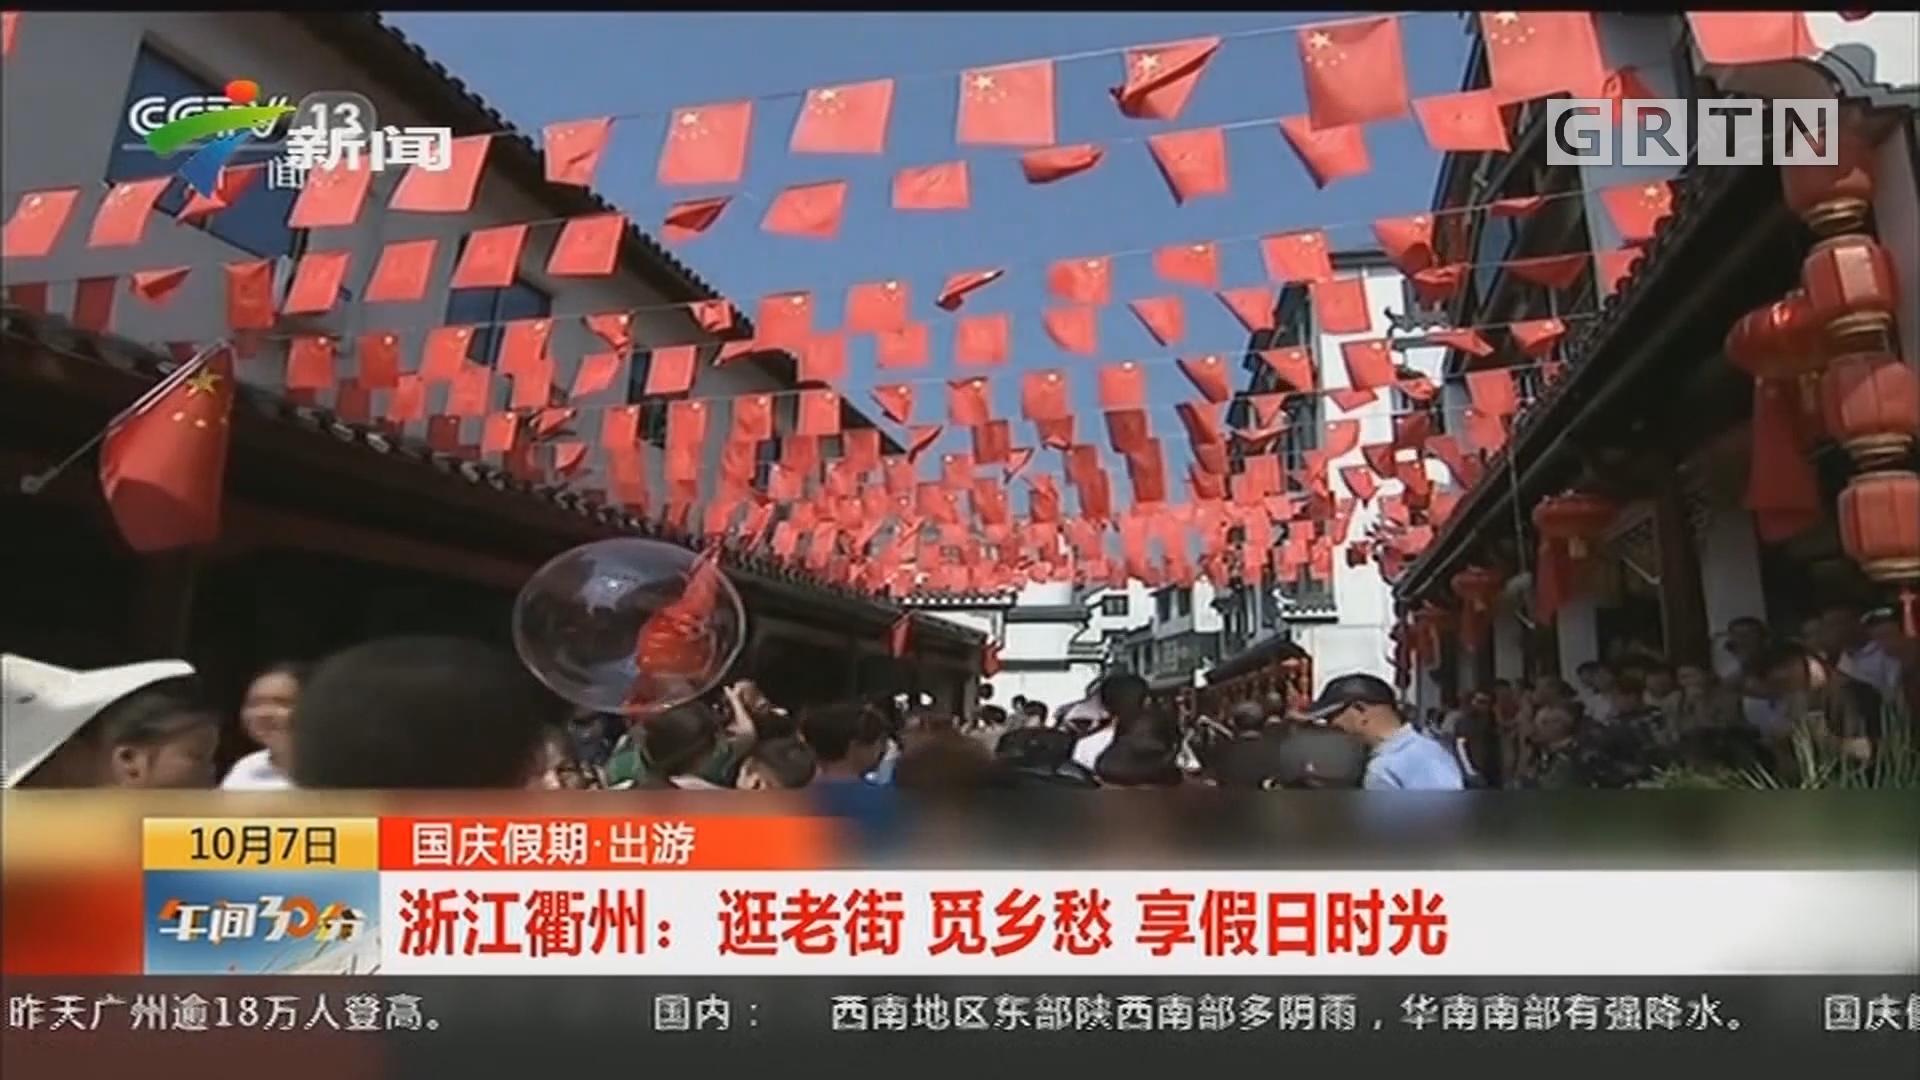 国庆假期 出游 浙江衢州:逛老街 觅乡愁 享假日时光